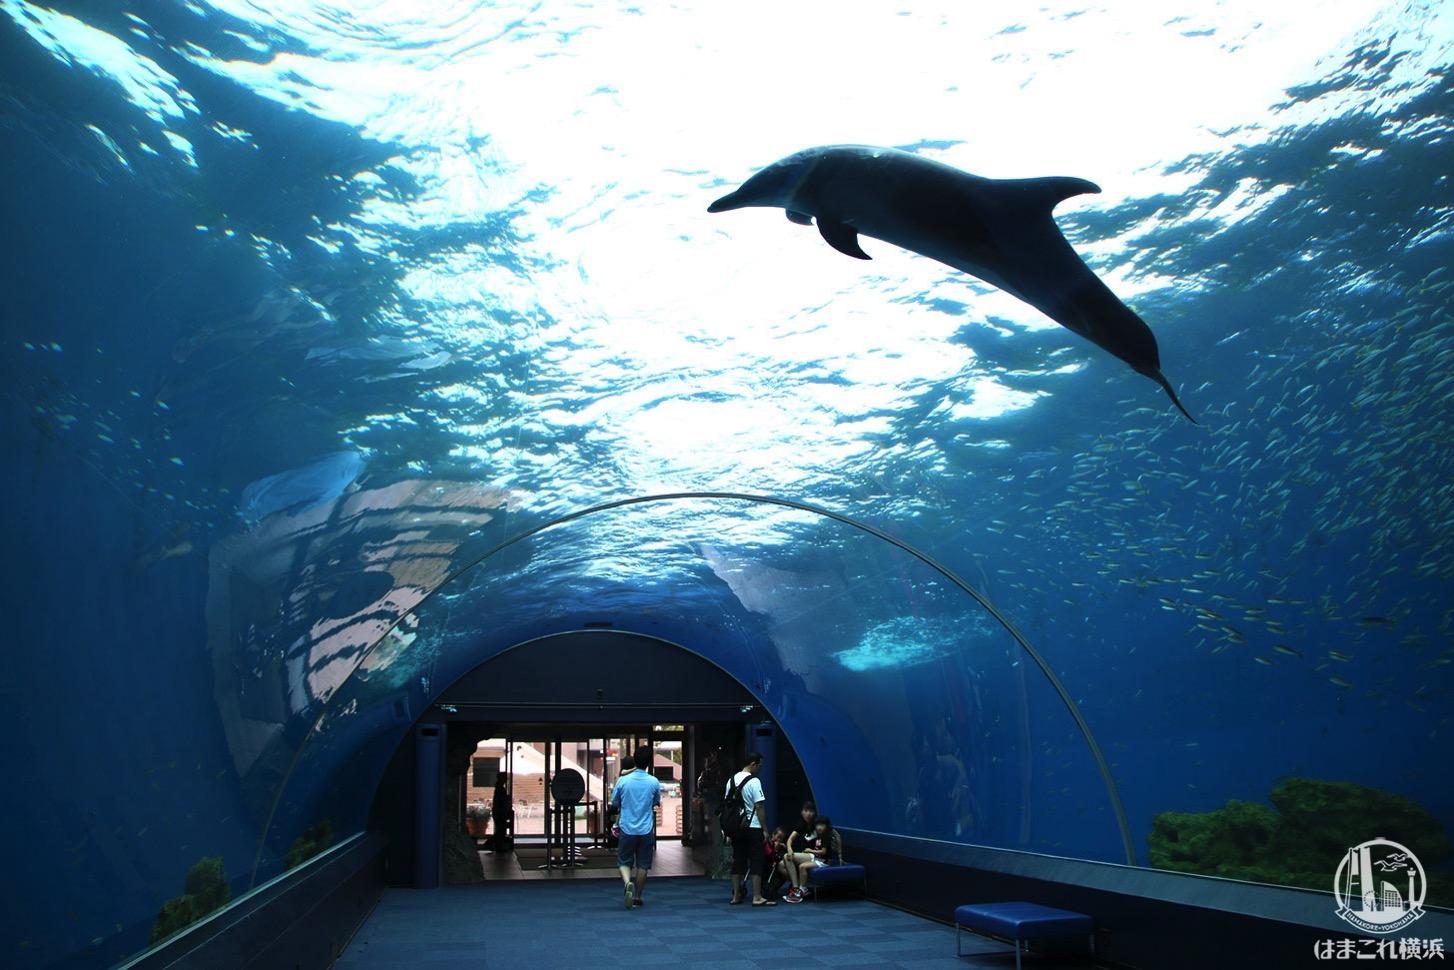 八景島シーパラ「ドルフィンファンタジー」イルカが泳ぐアーチ水槽で幻想的海中散歩!